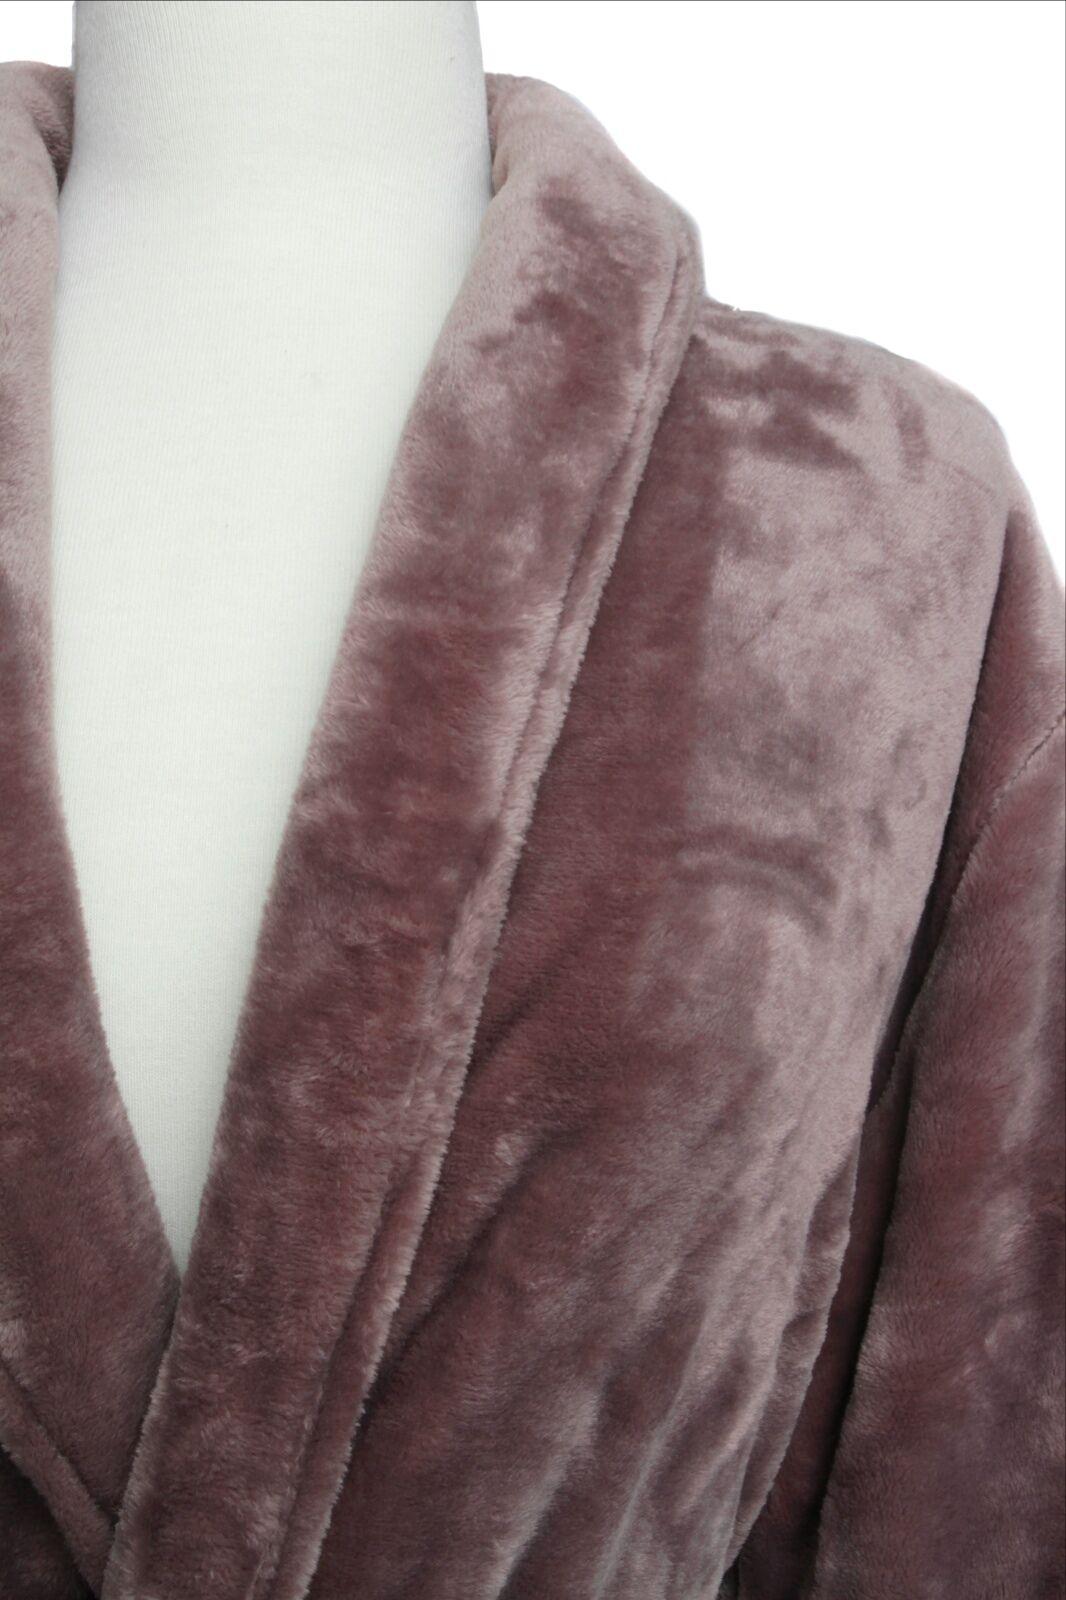 NEW PLUSH herren Spa Bath Robe SOFT 2 groß pockets & waist tie ON SALE